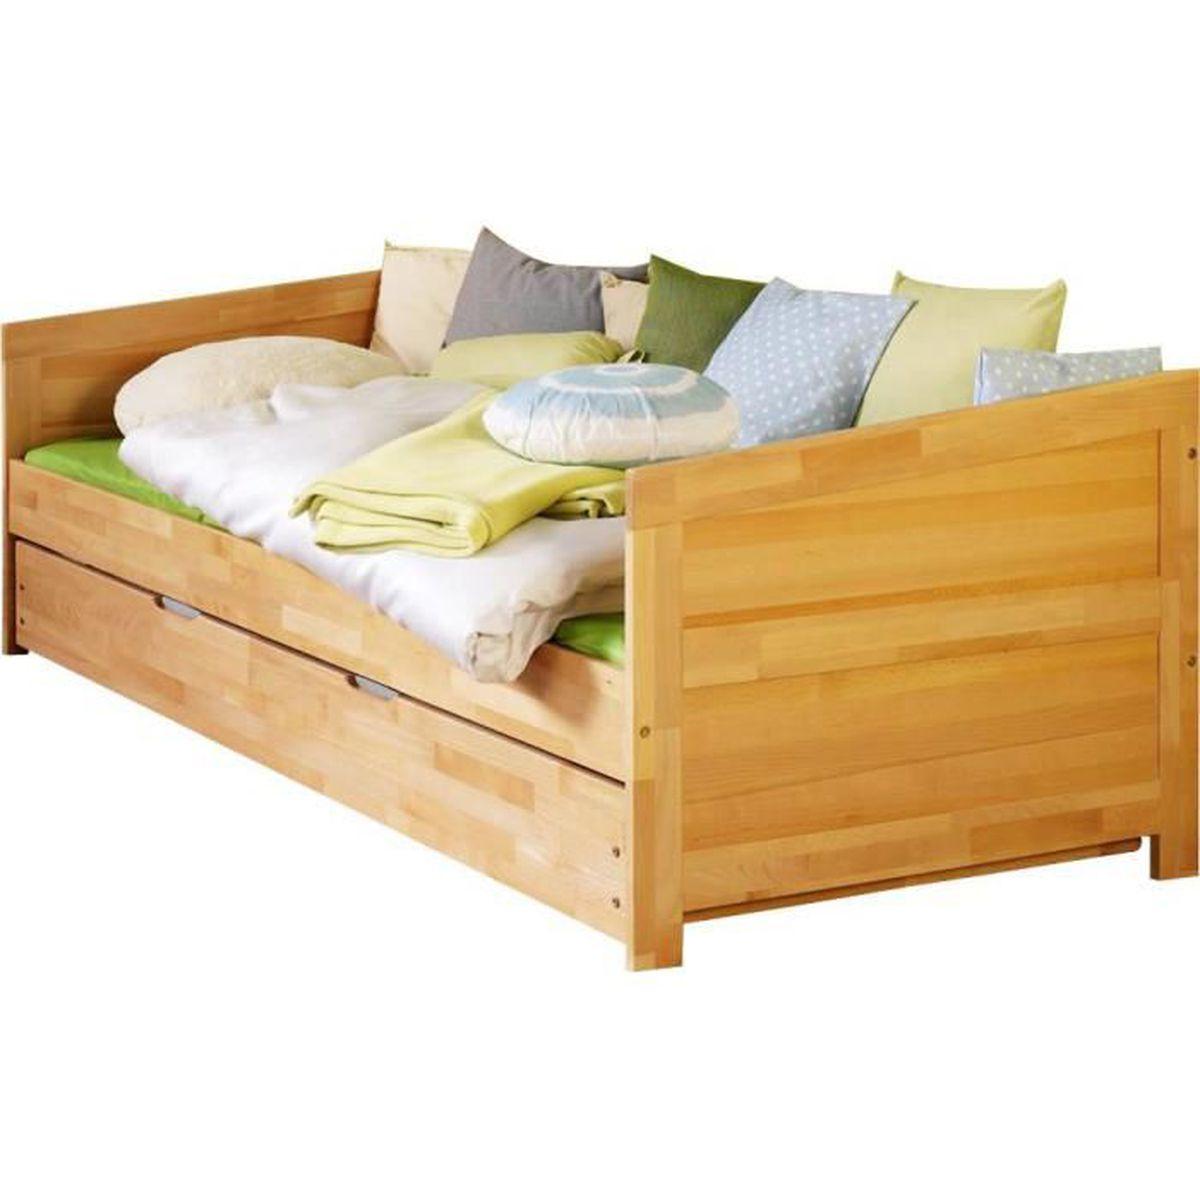 Lit banquette avec un tiroir de couchage 90x200 cm en bois for Couch 90x200